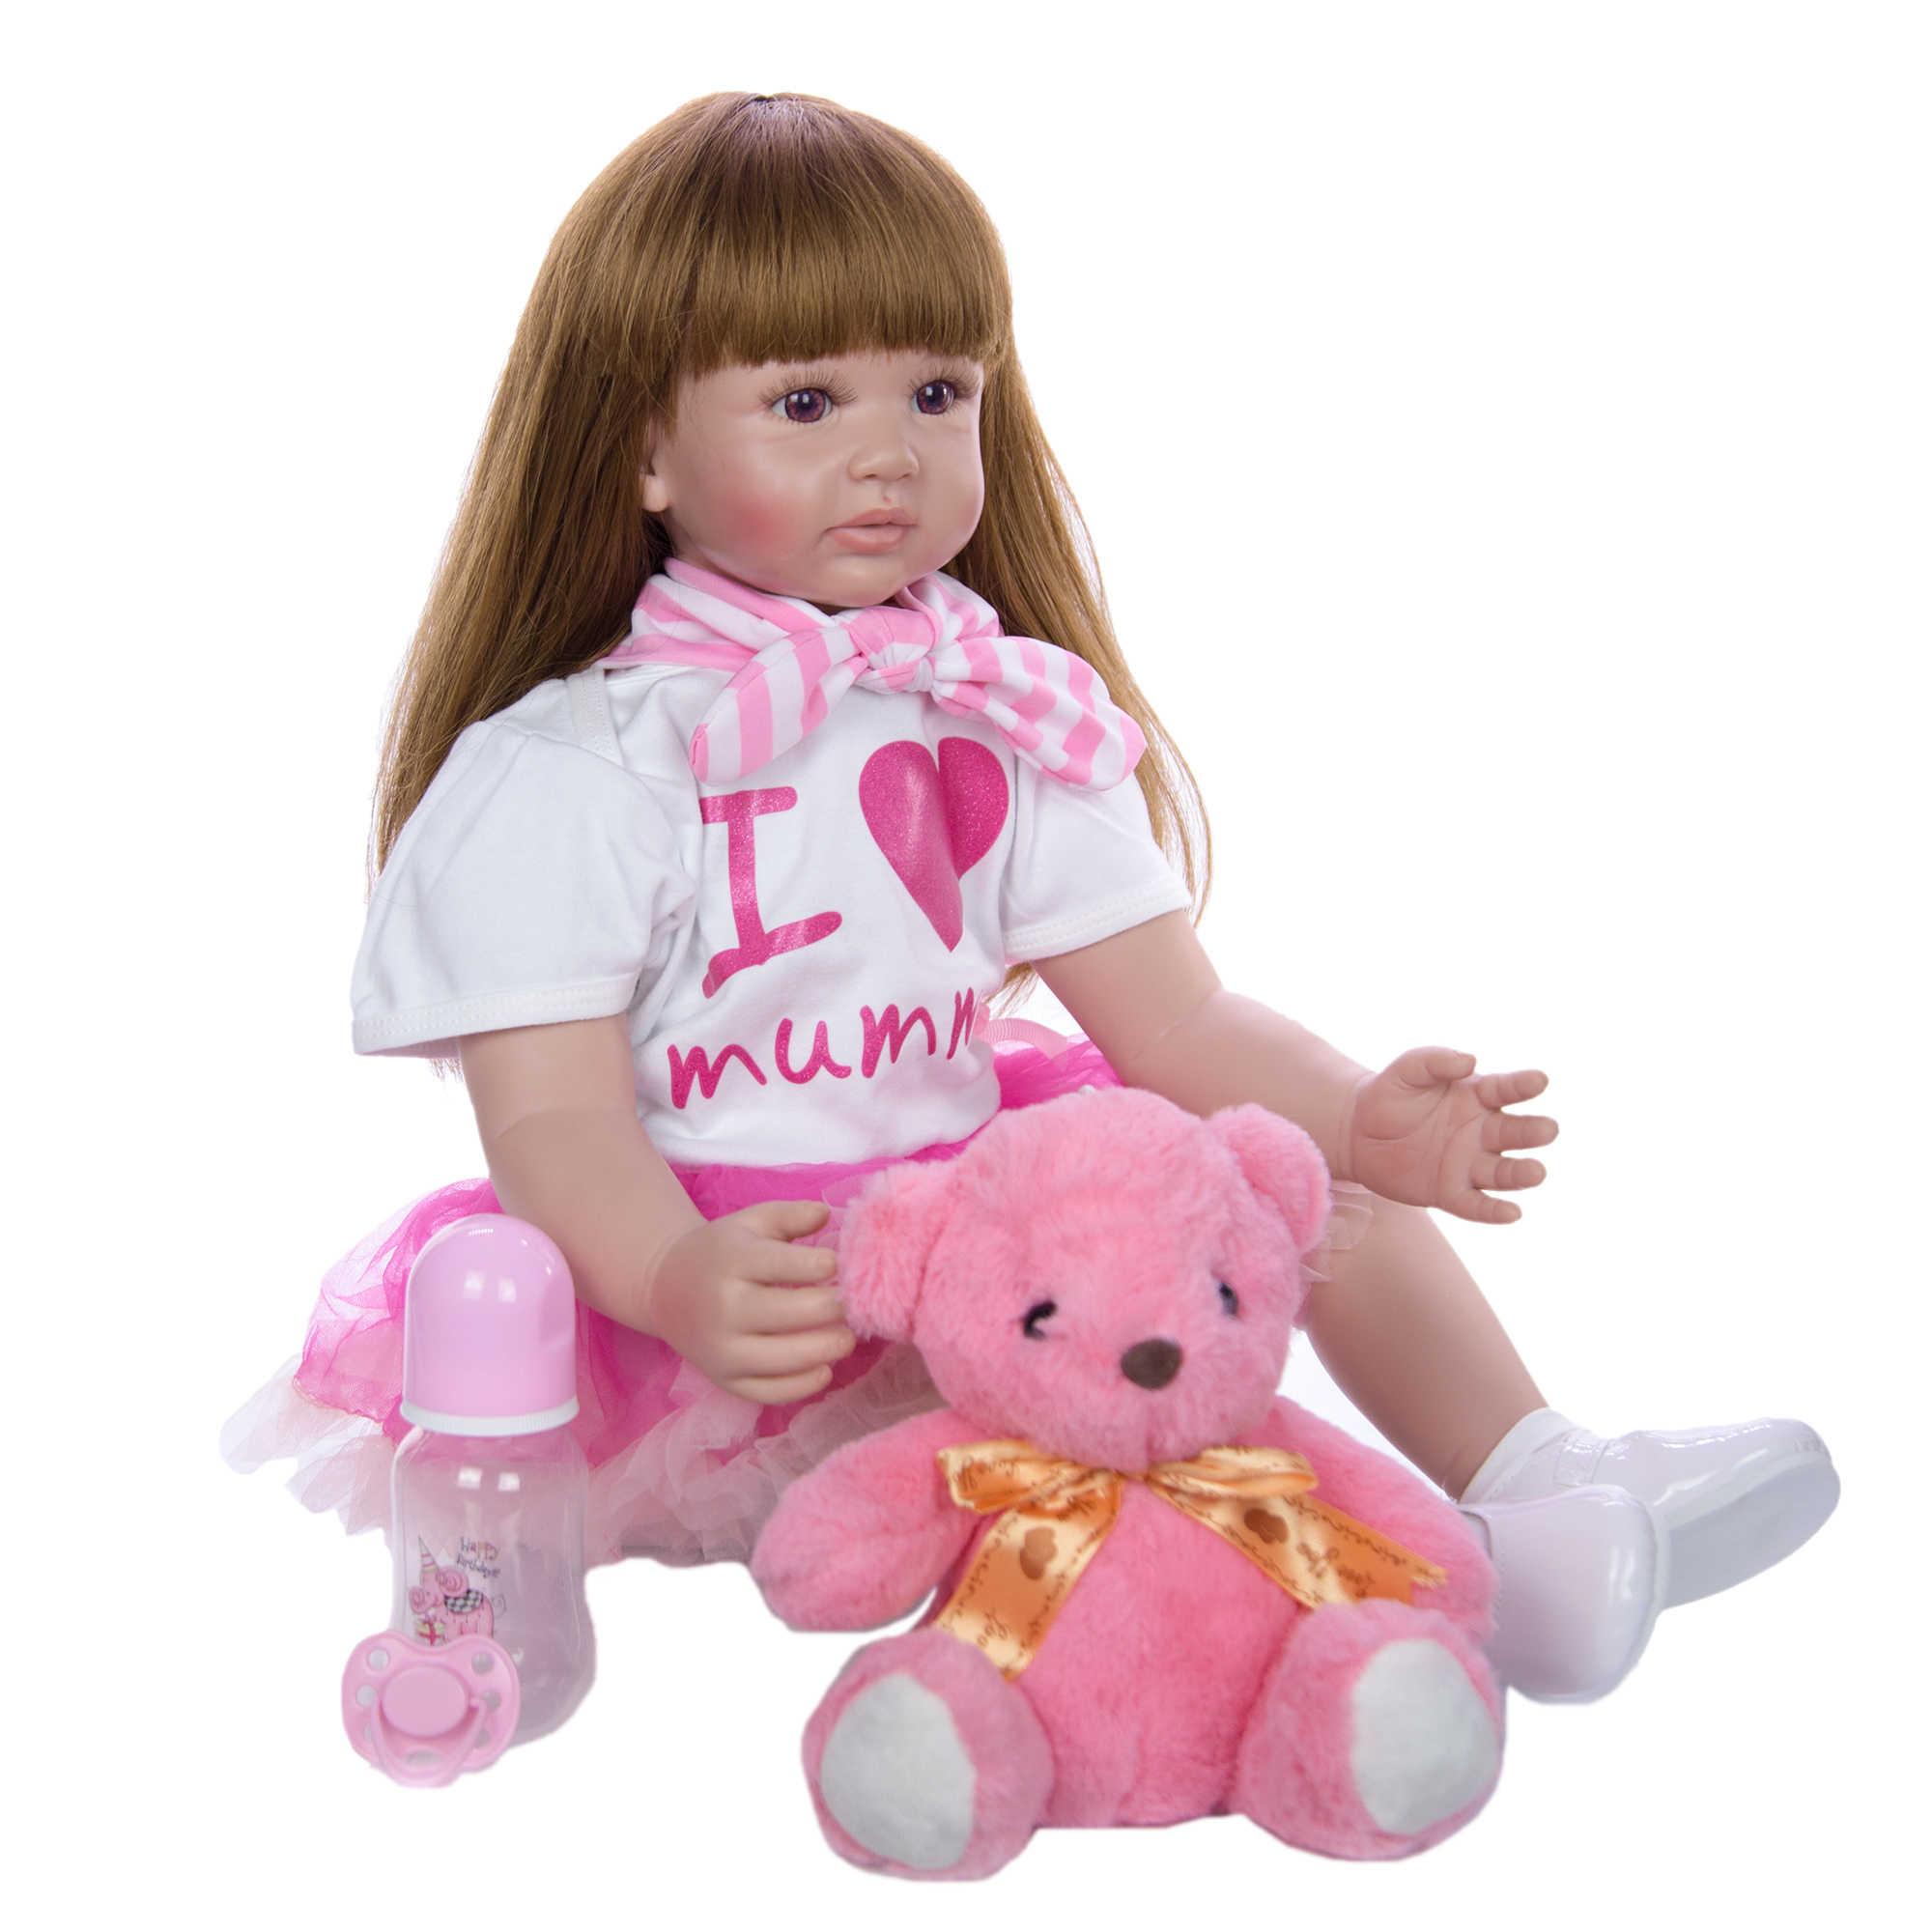 60 см Reborn Baby Doll Игрушки для девочек Мягкие силиконовые изысканные принцессы для малышей живые Младенцы Детский подарок на день рождения игровой домик игрушка